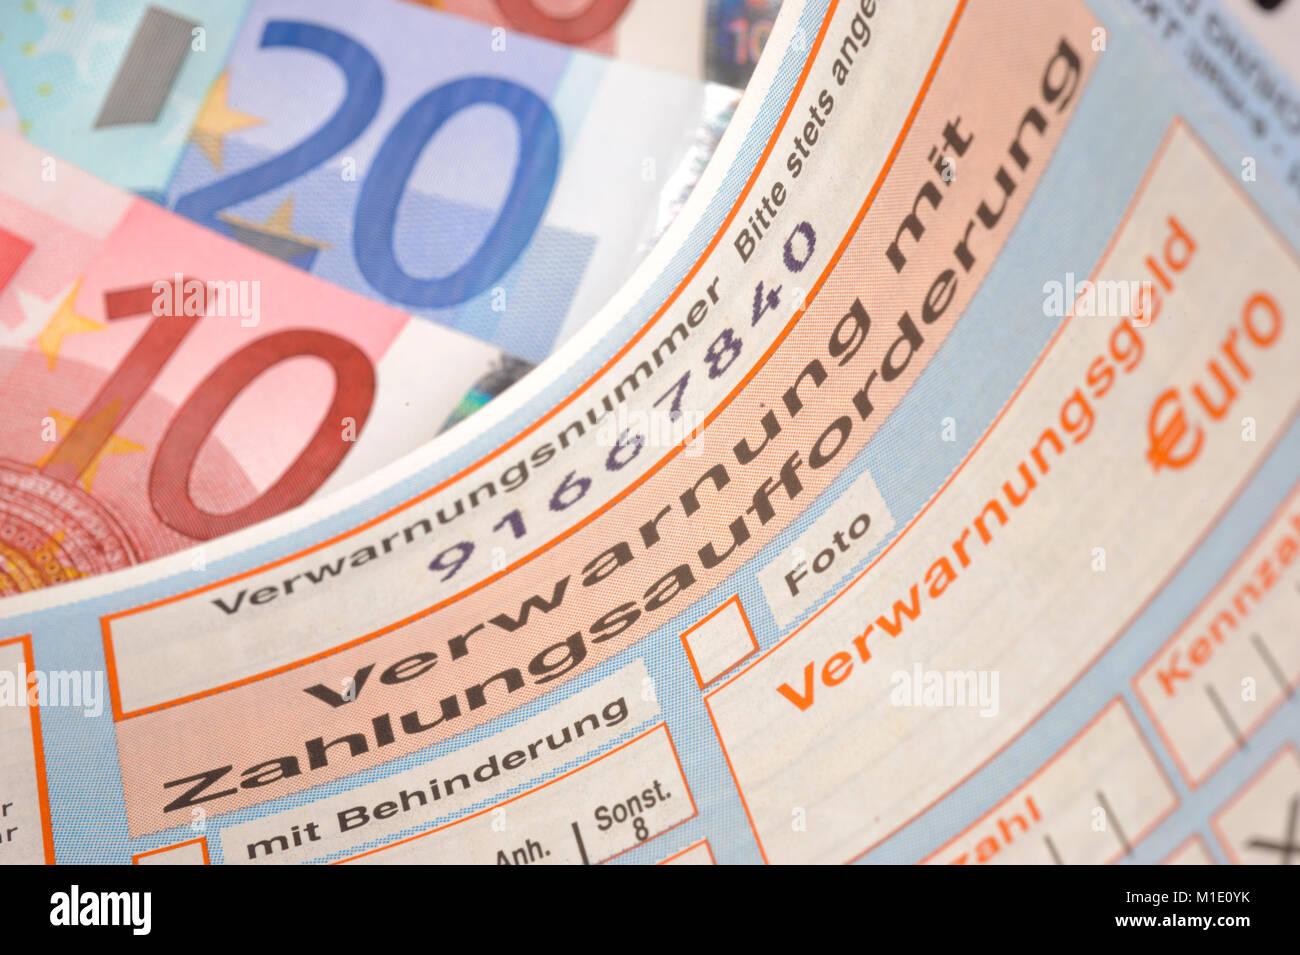 Strafzettel - Stock Image